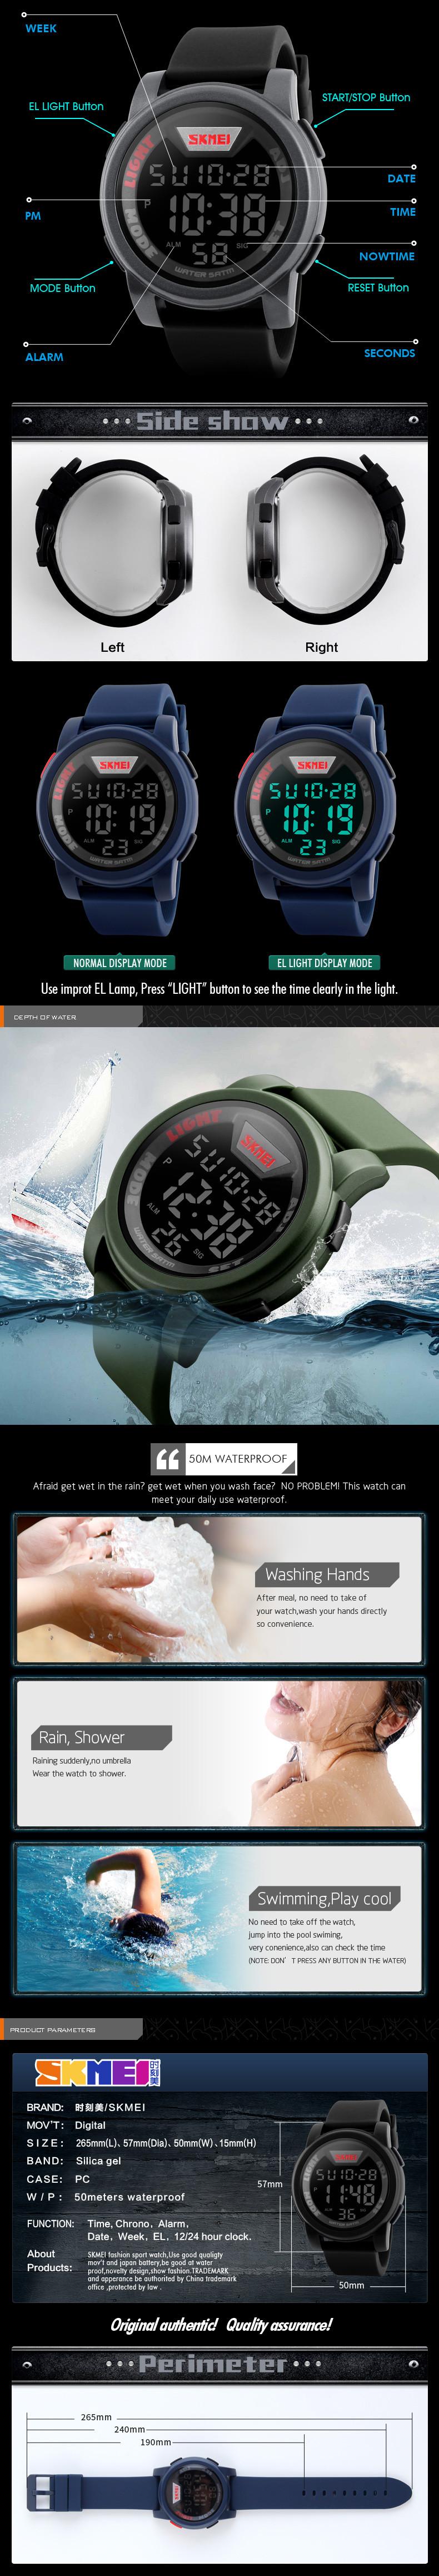 HTB1jKHINXXXXXXEXXXXq6xXFXXXz - SKMEI SIMPLE Sport Watch for Men